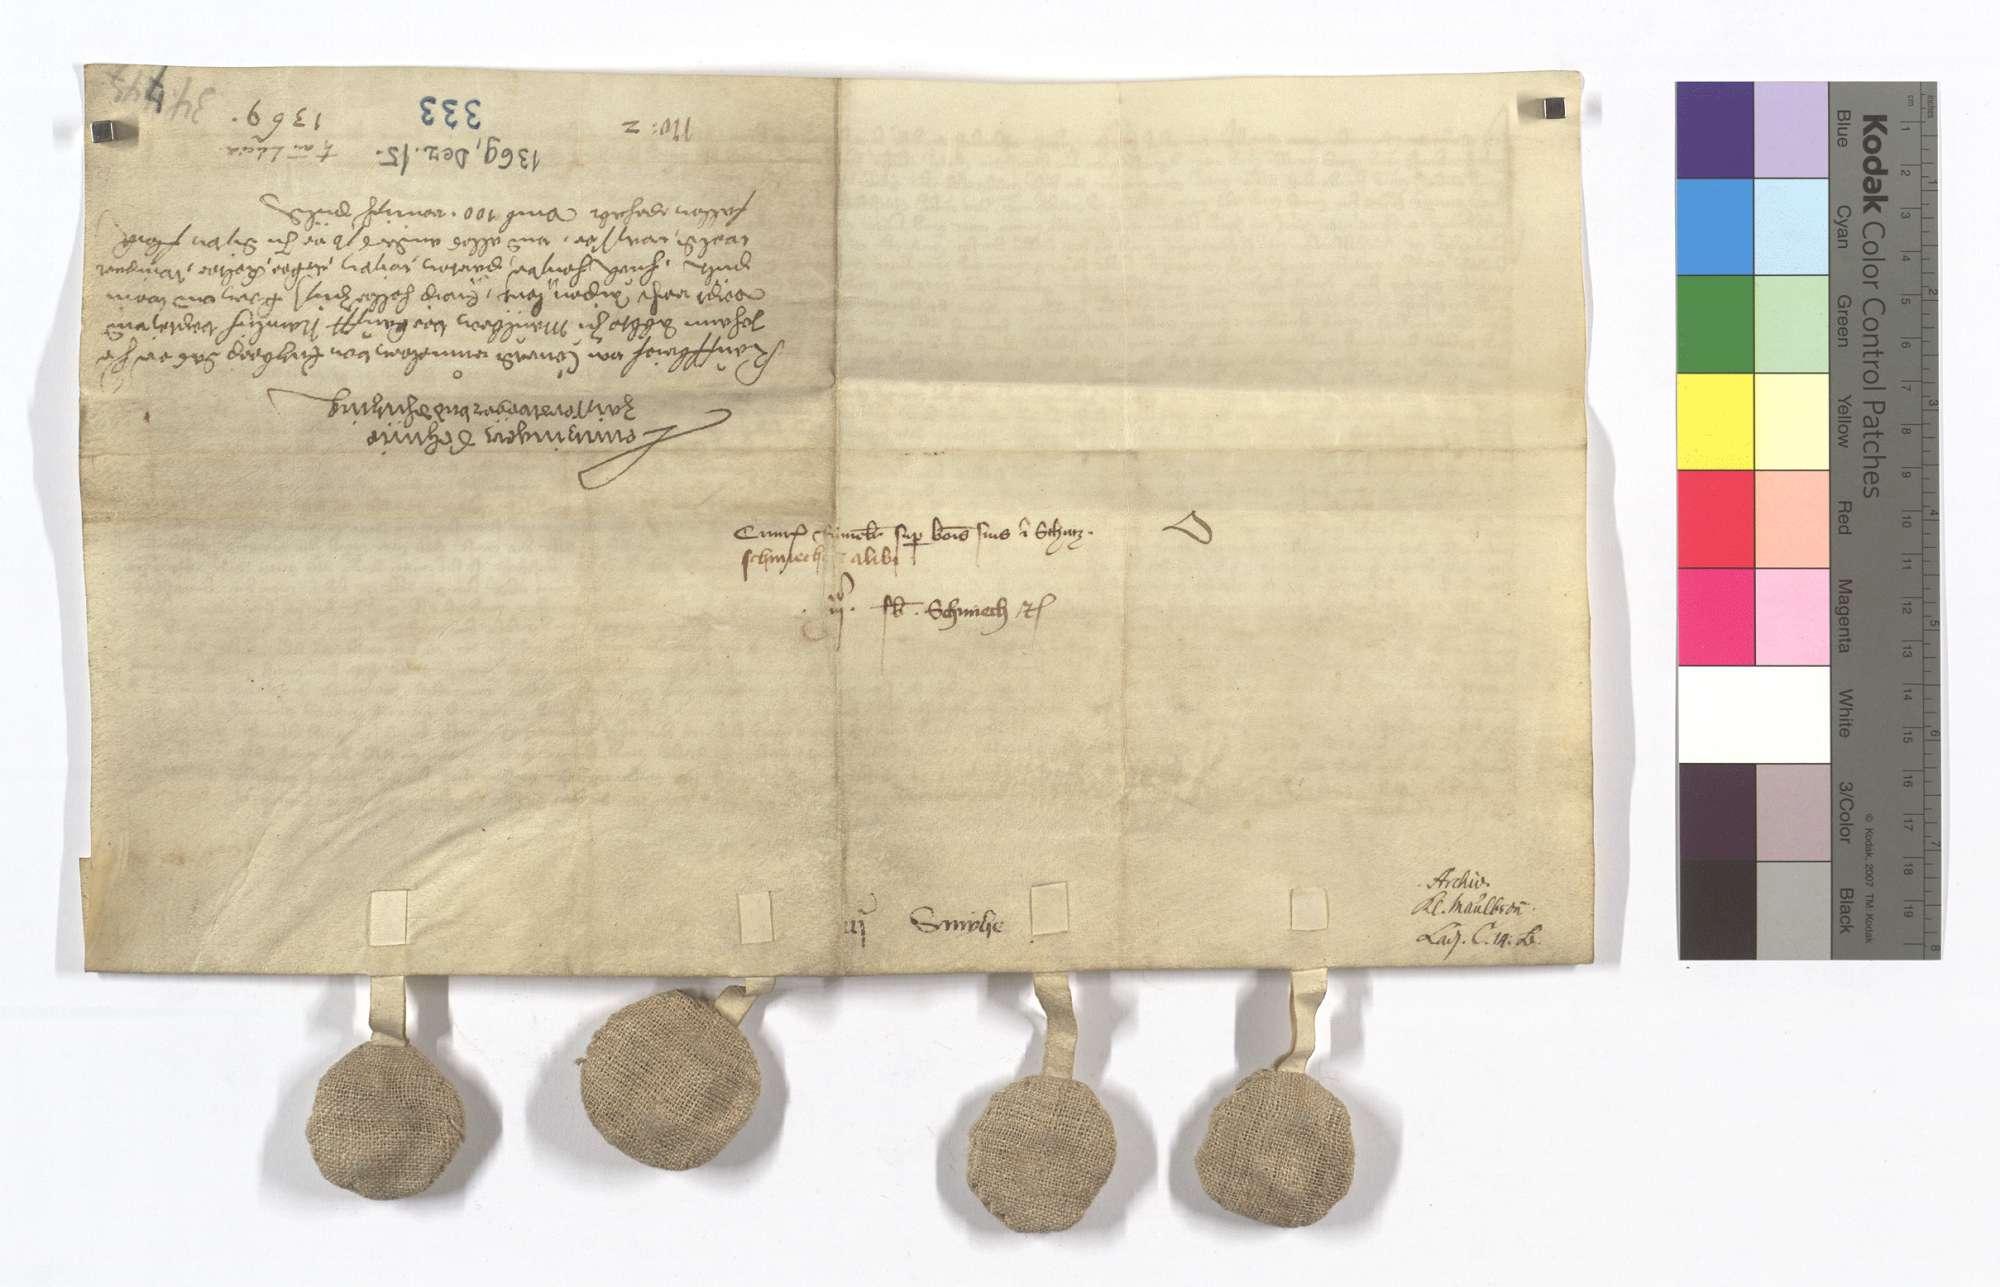 Conrad Rummler von Enzberg verkauft dem Kloster Maulbronn die Vogtei und Vogtgerechtsame, Leibeigenen und was er hatte in Lienzingen (Lientzingen), Schmie (Schmye), Zaisersweiher und Schützingen (Schüzingen)., Rückseite